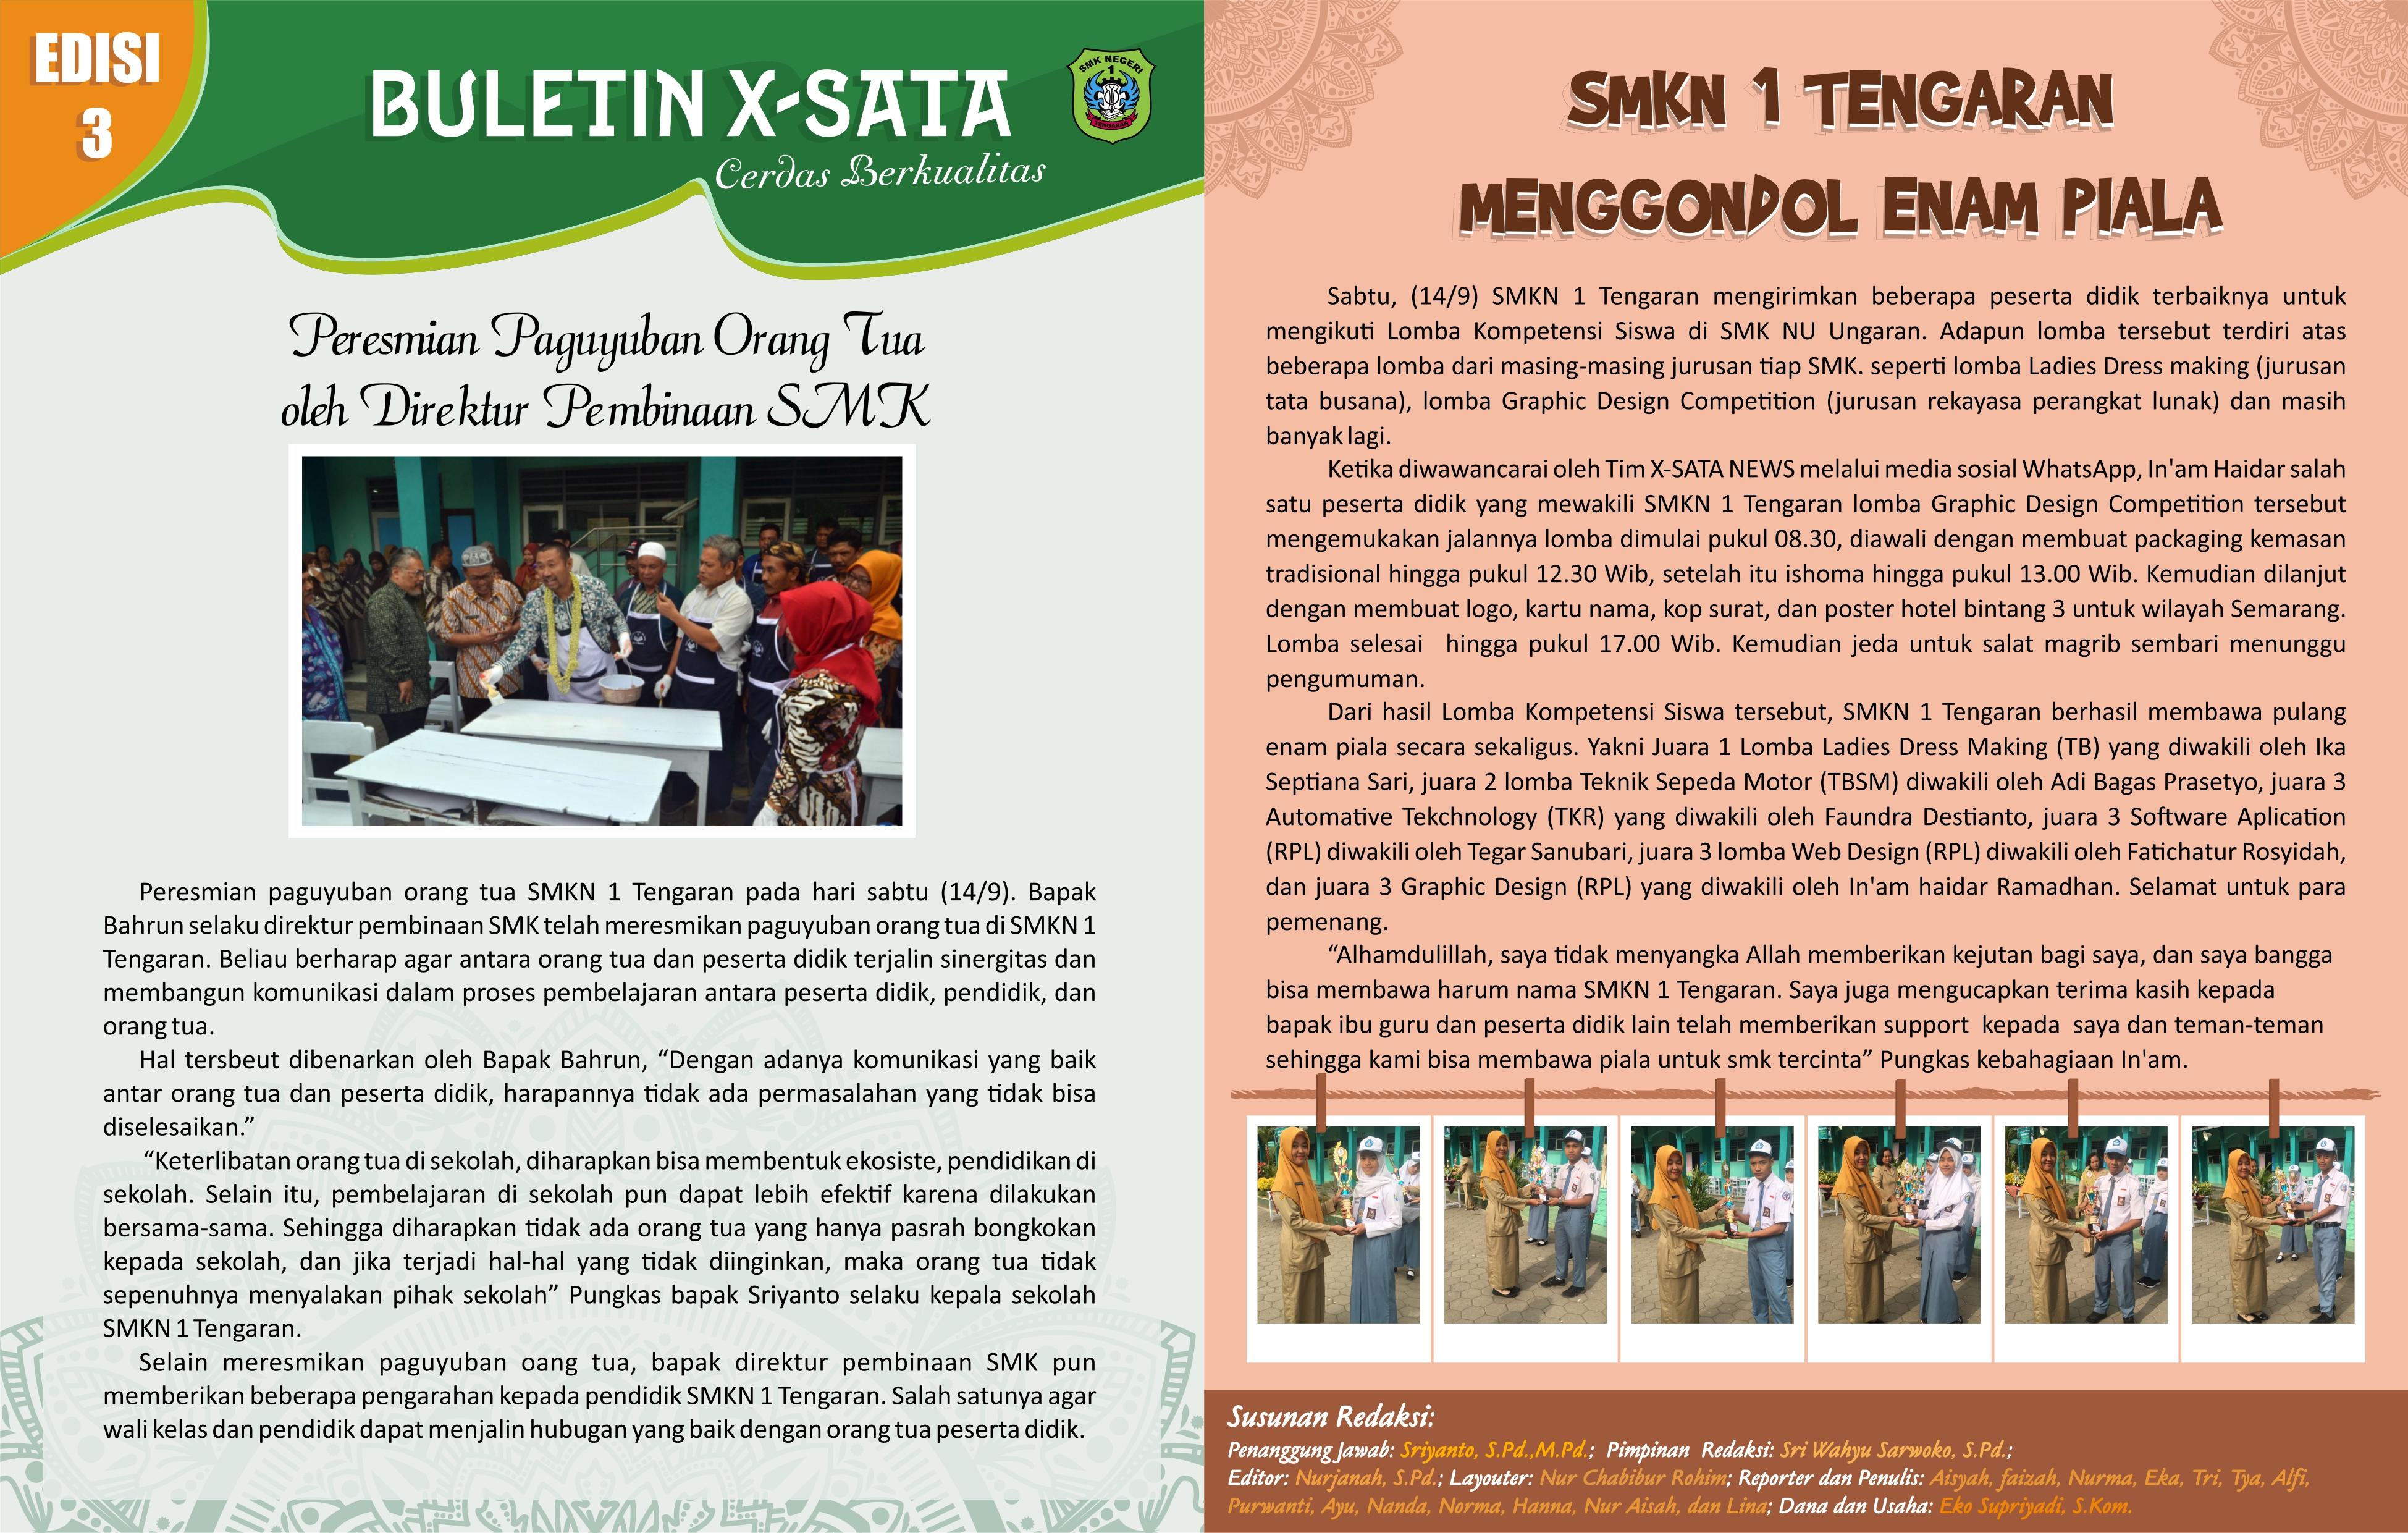 Buletin edisi 3 halaman 1